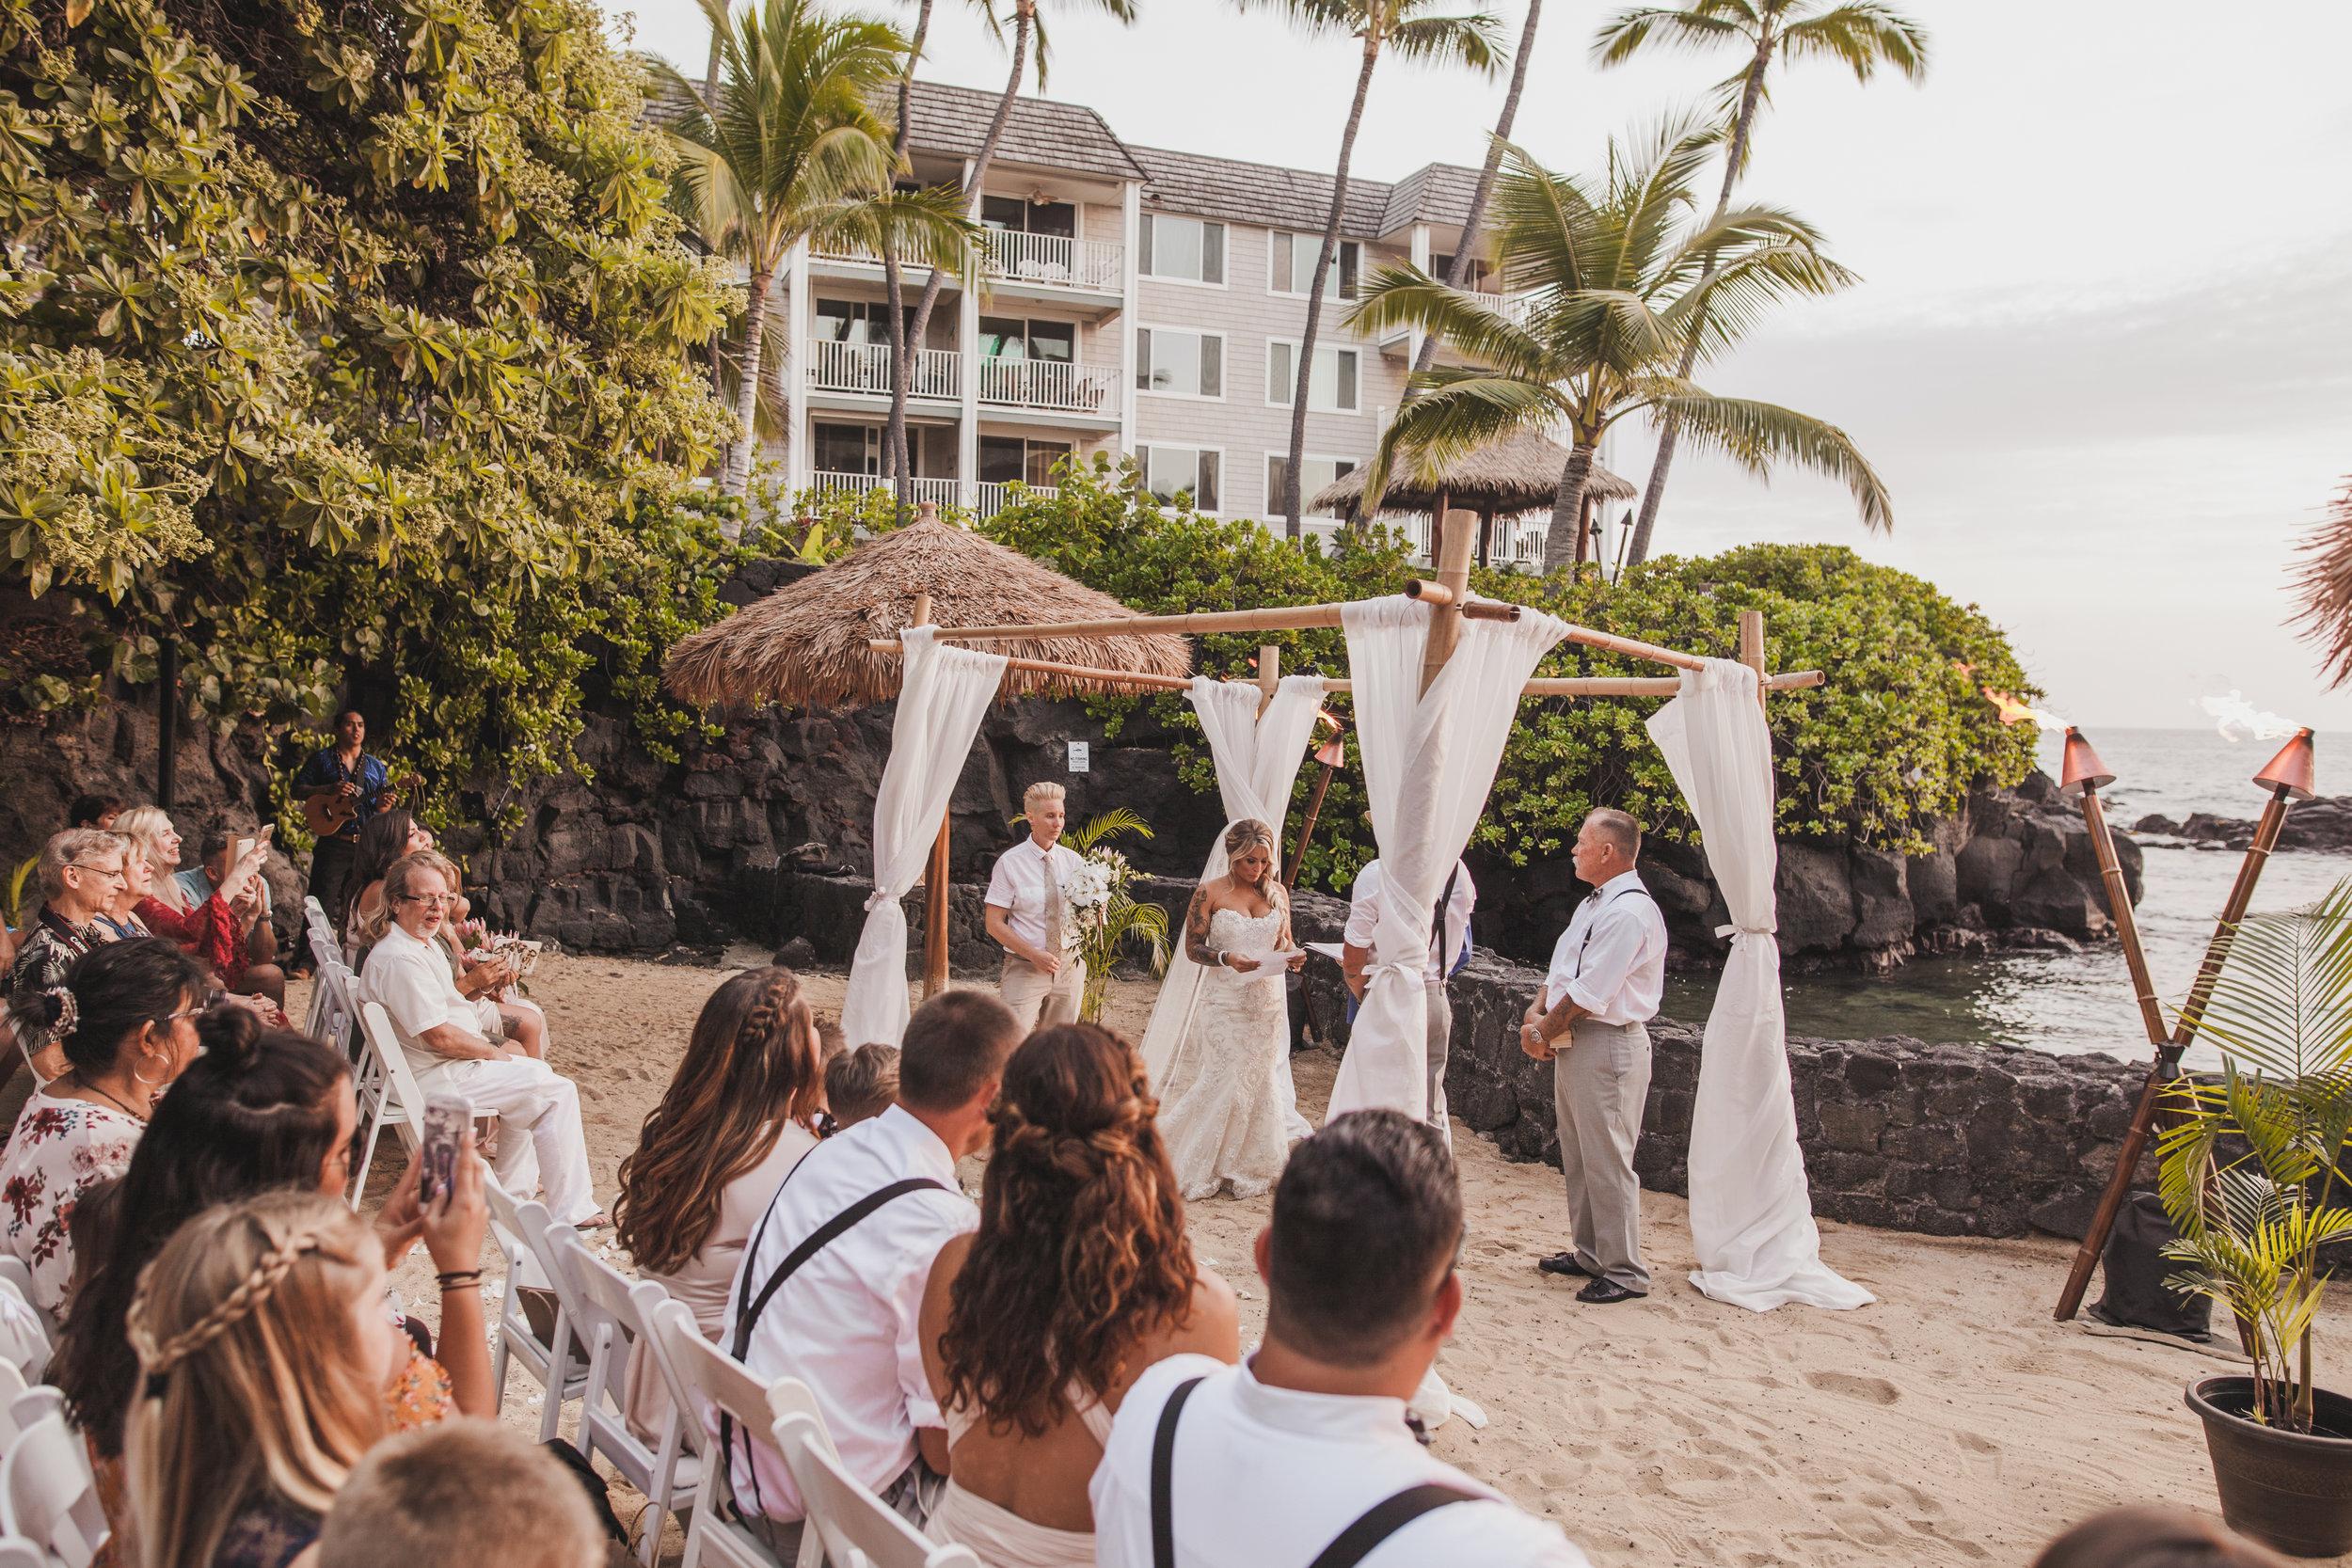 big island hawaii royal kona resort wedding kelilina photography 20171021173901-1.jpg